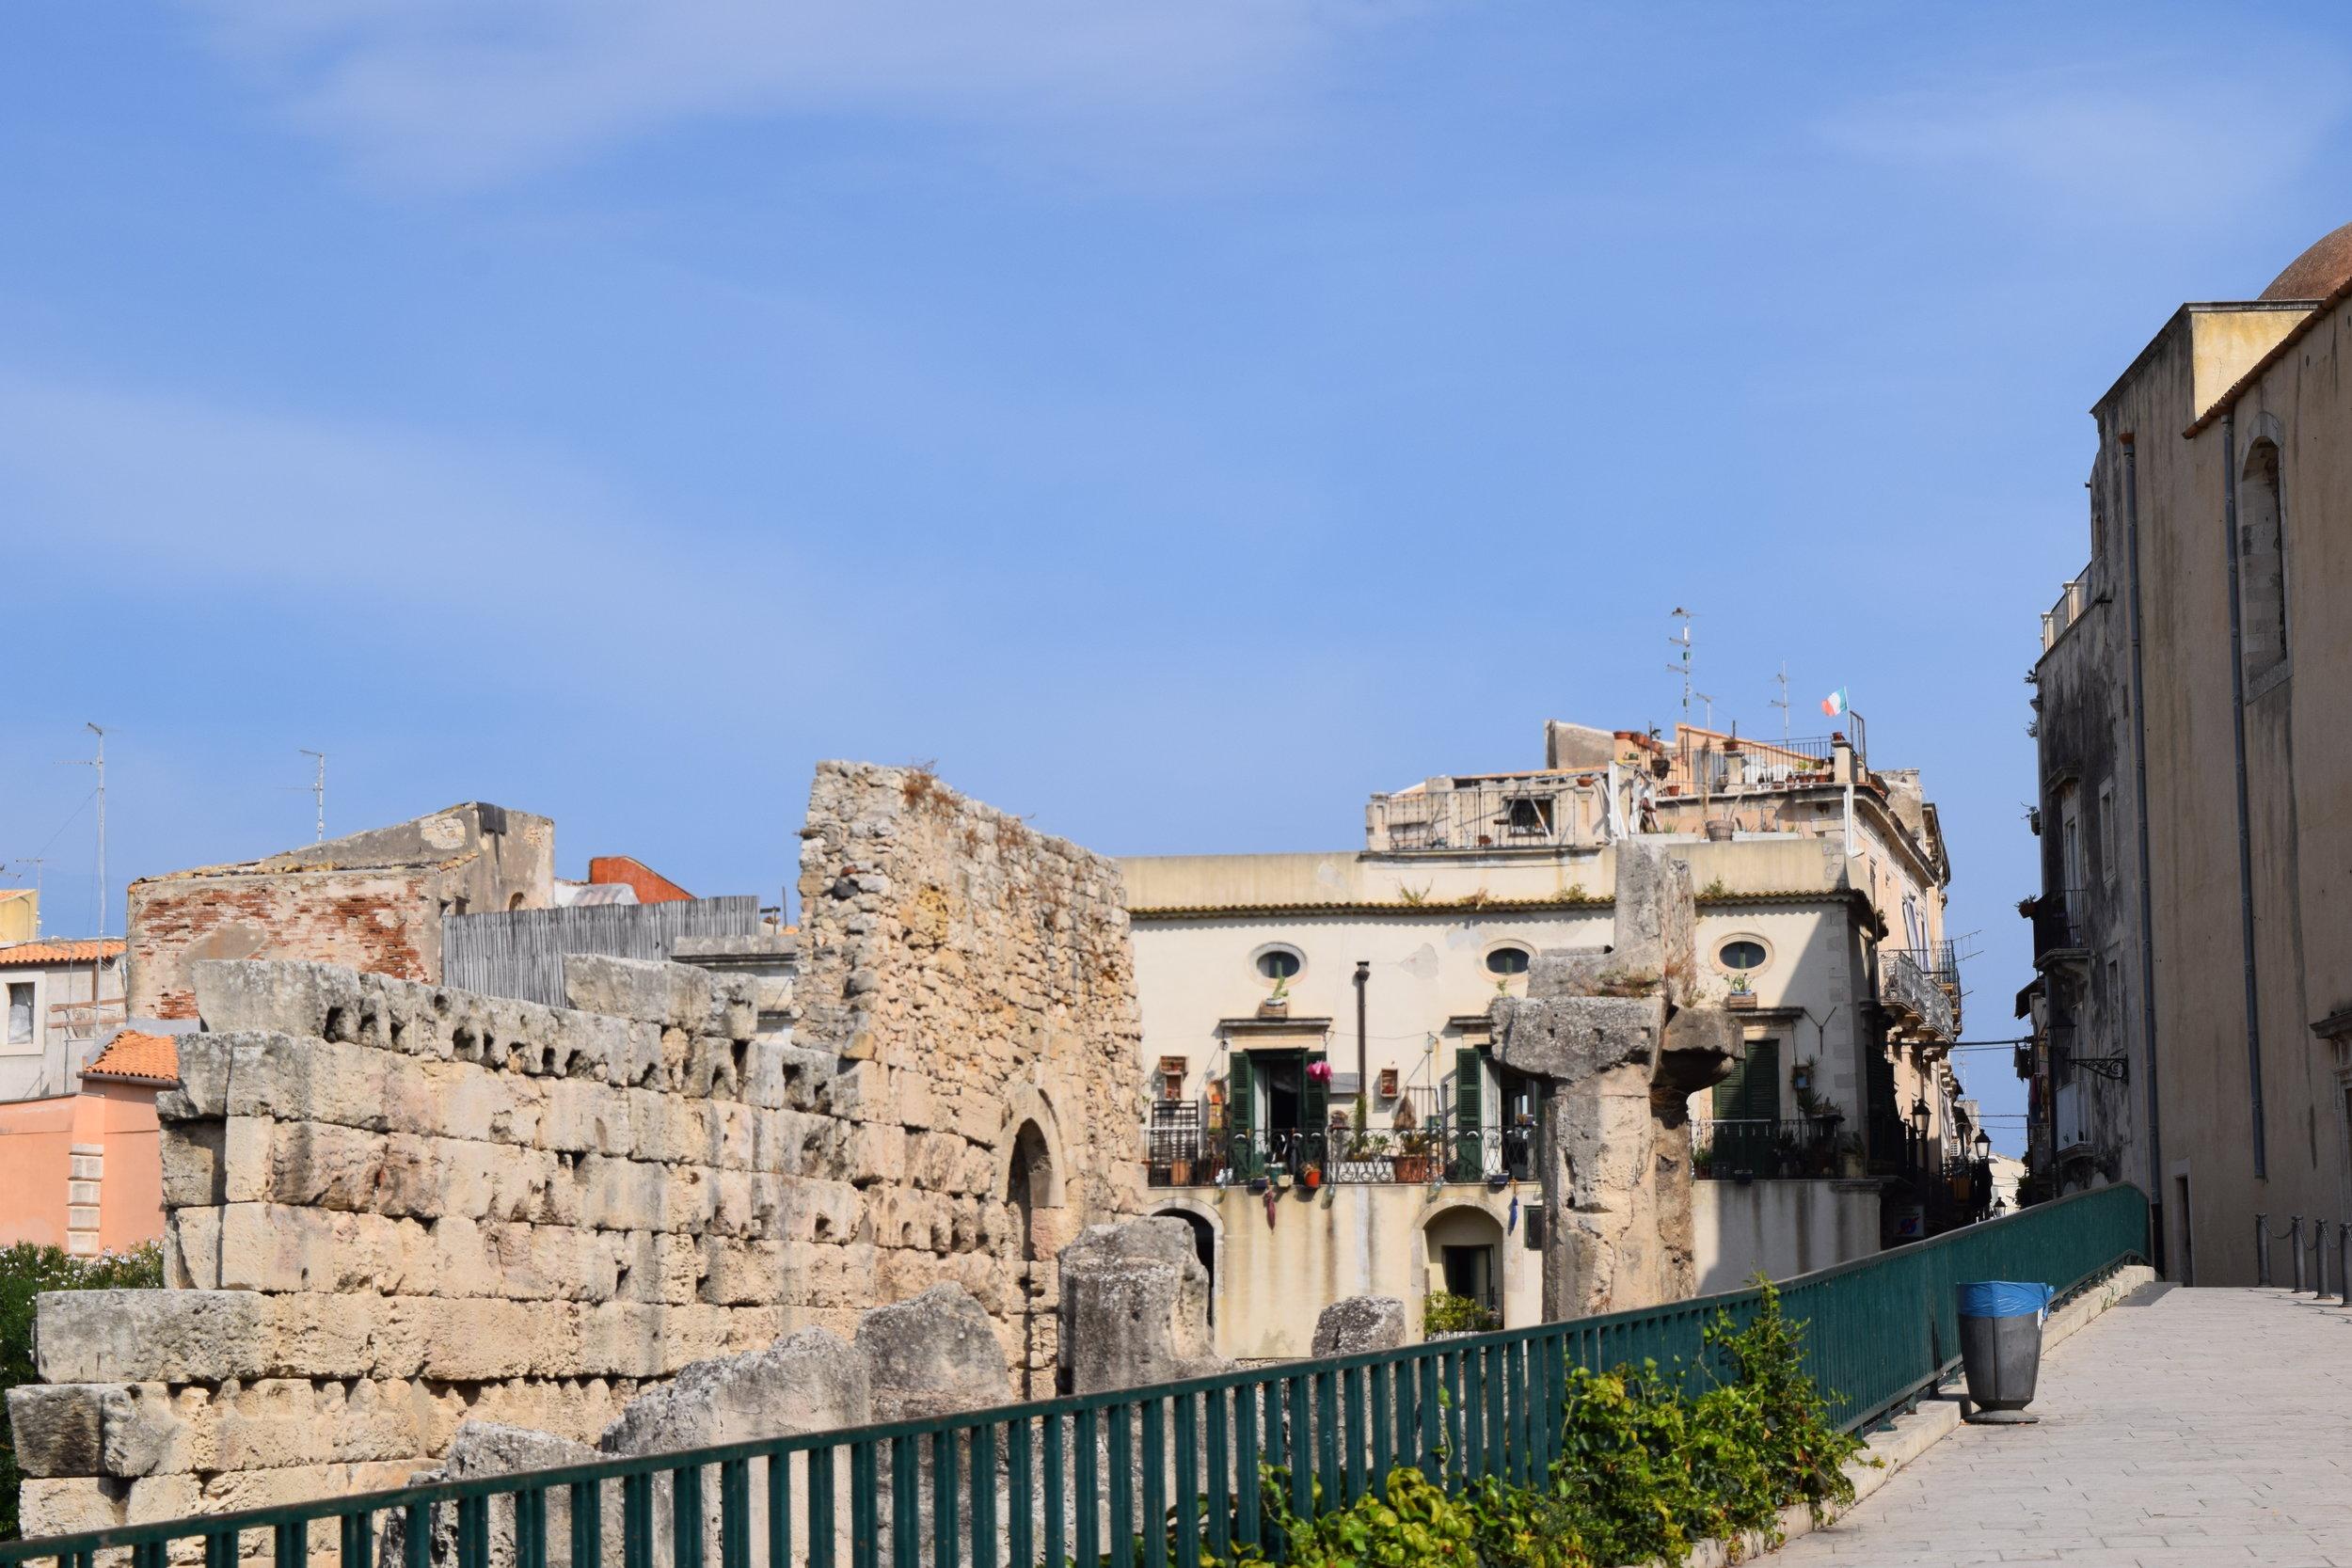 The Temple of Apollo ruins in Ortigia